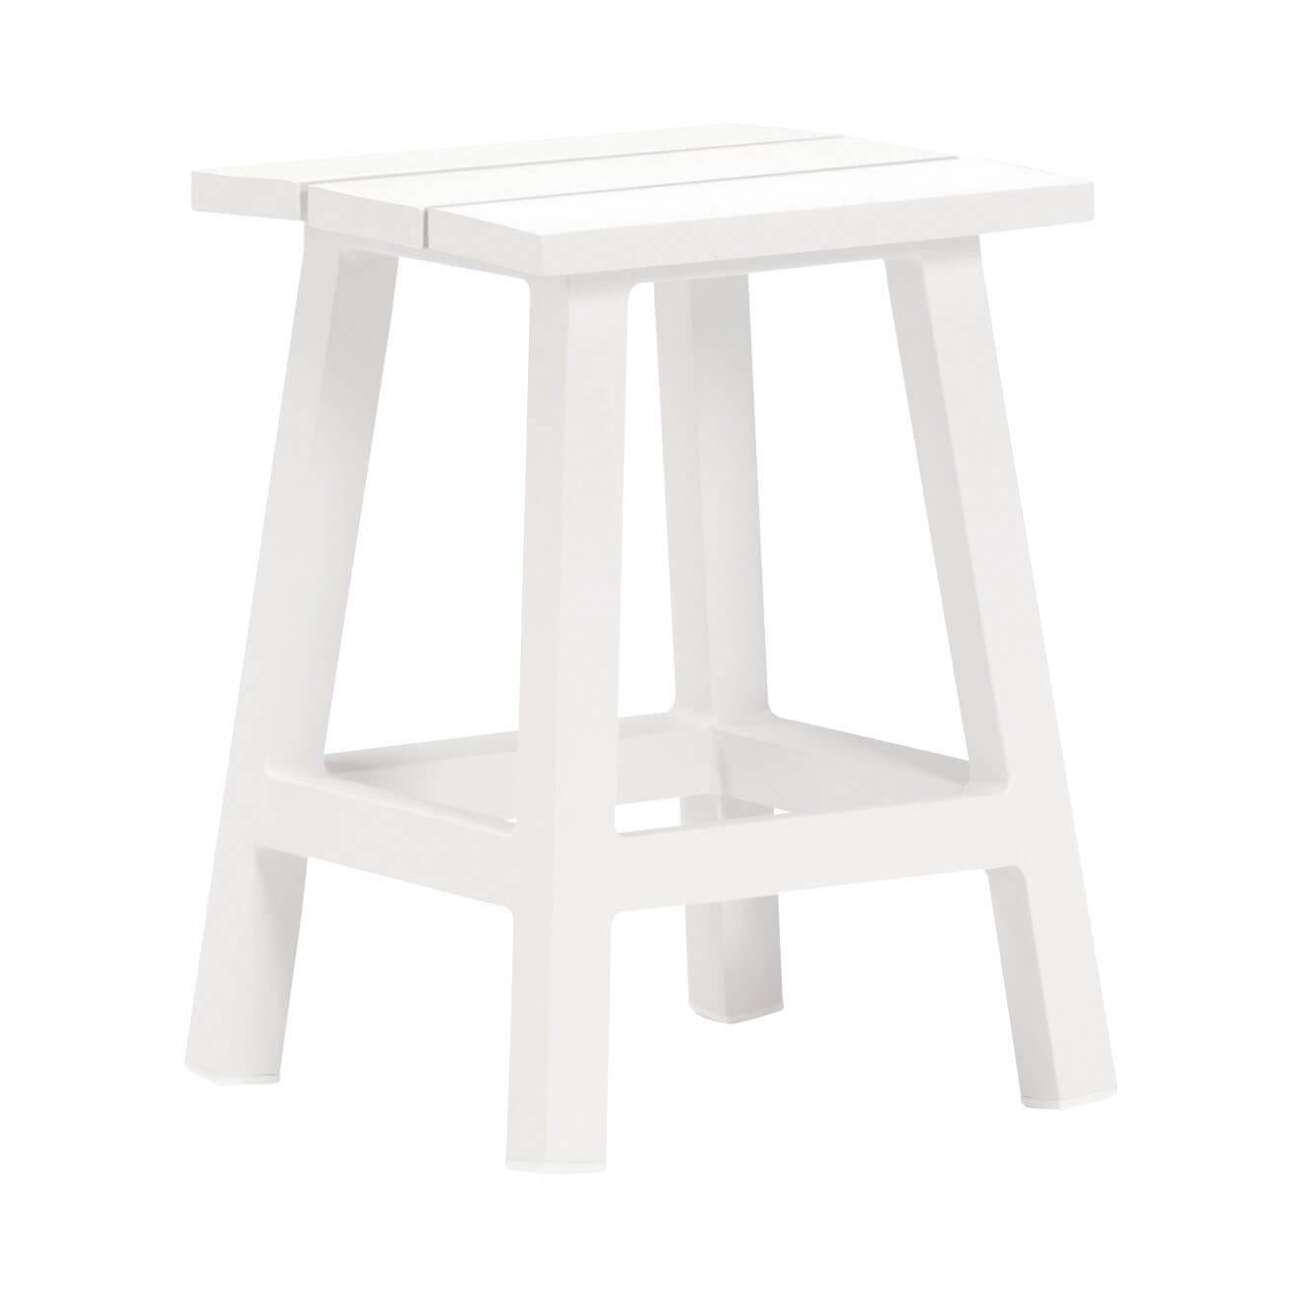 Hvit stol uten rygg kan brukes som sidebord